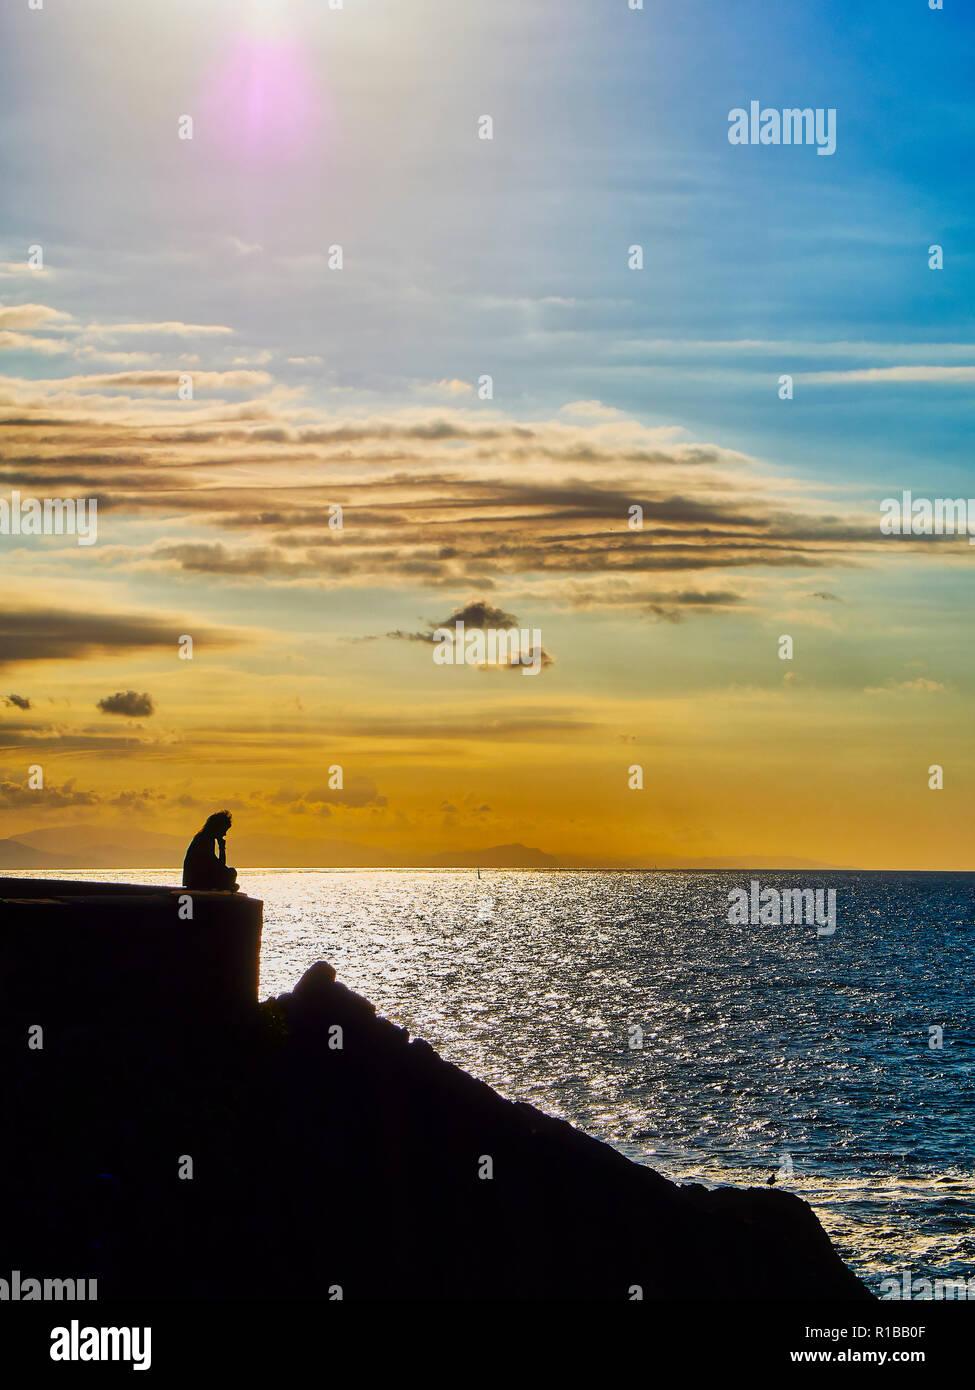 Pensativo silueta de una mujer sentada sobre una pared frente a un fondo en penumbra. Imagen De Stock